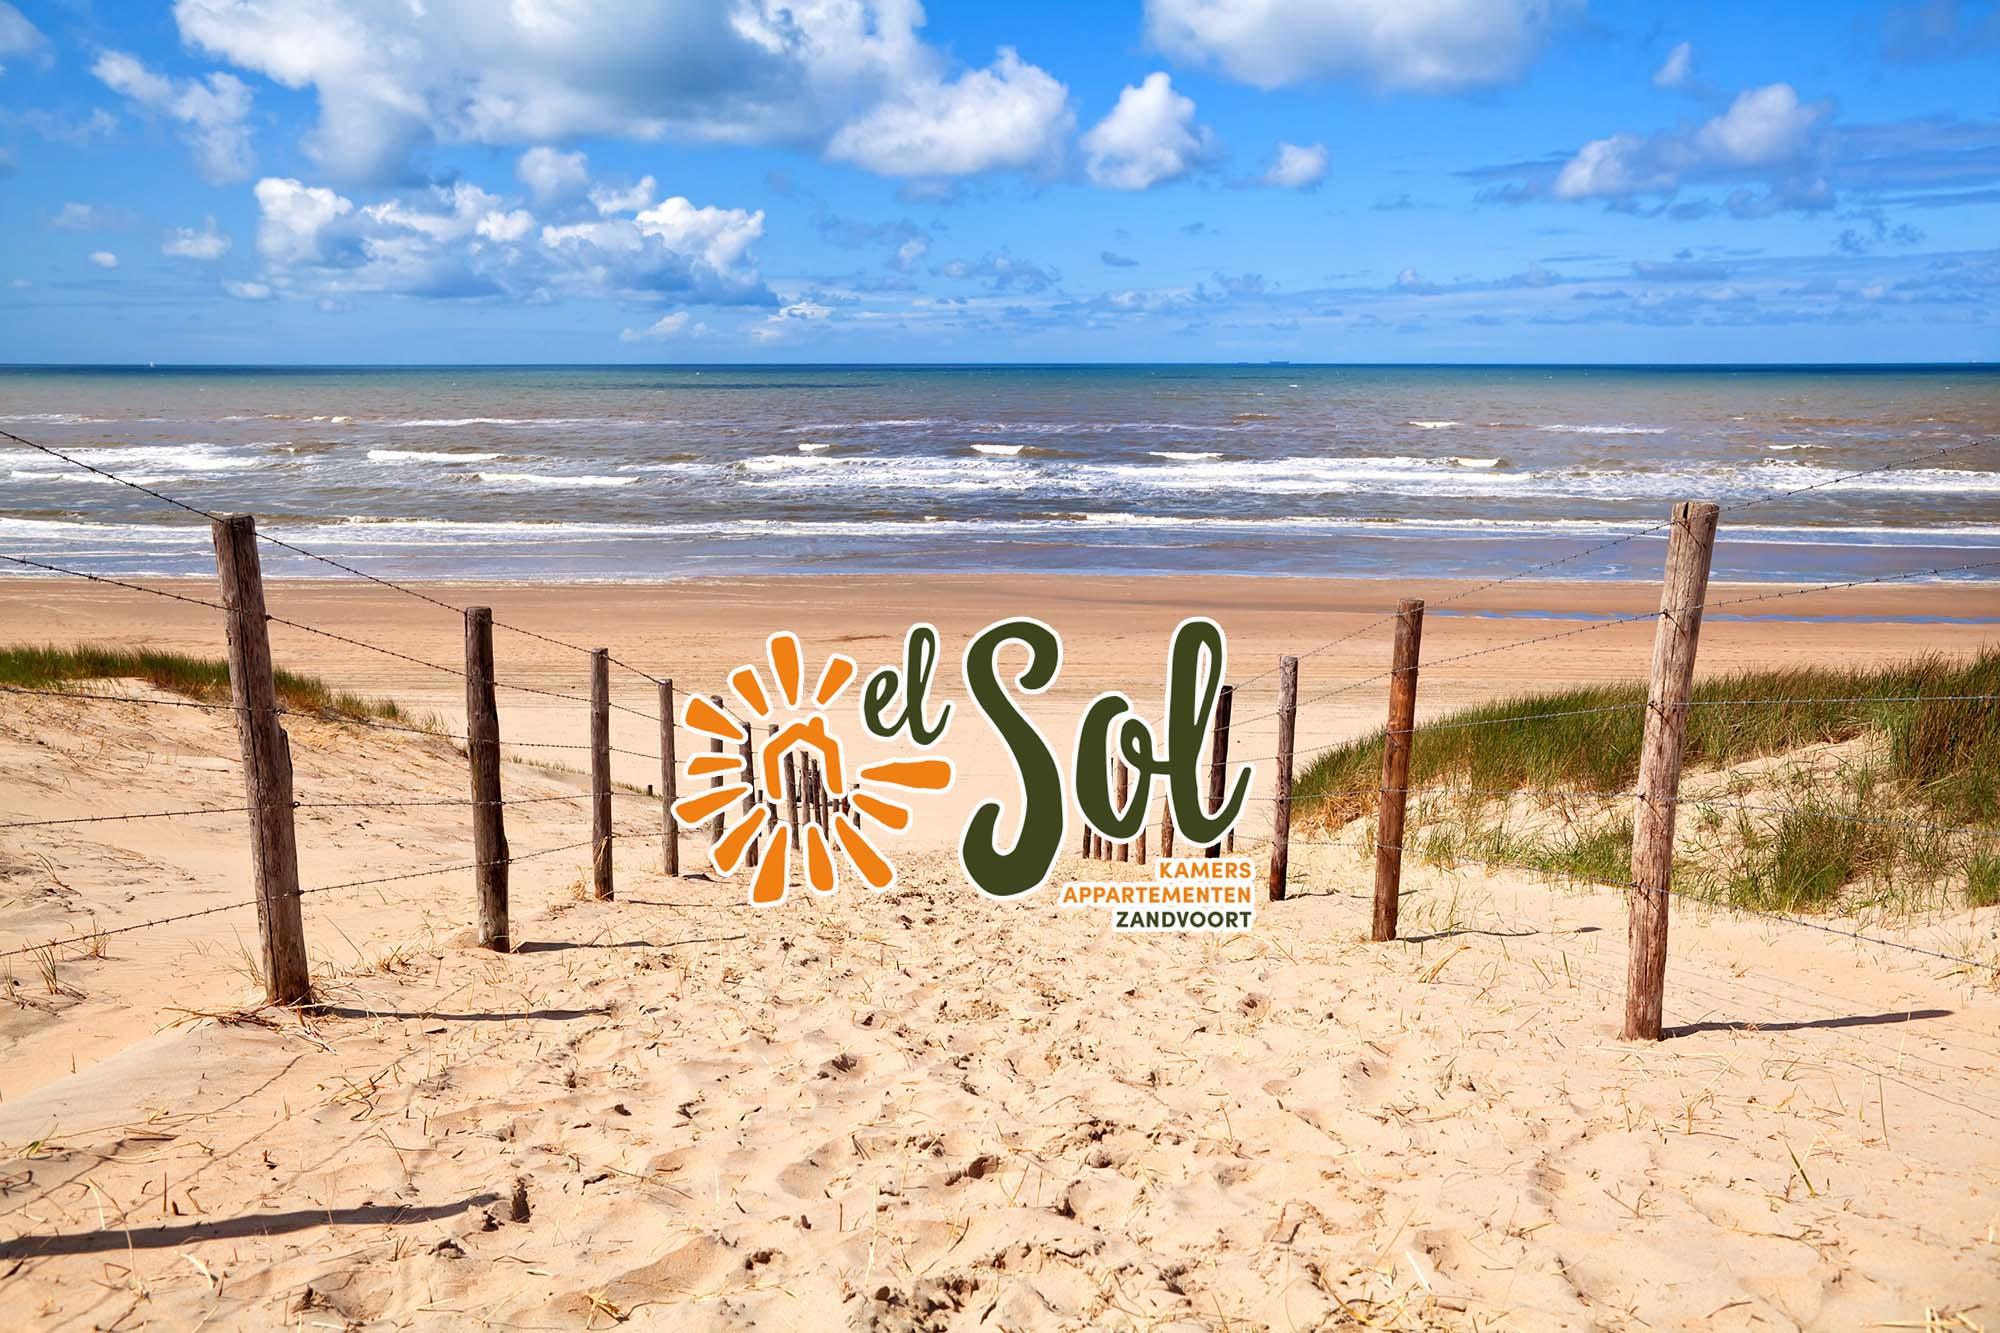 El Sol Zandvoort